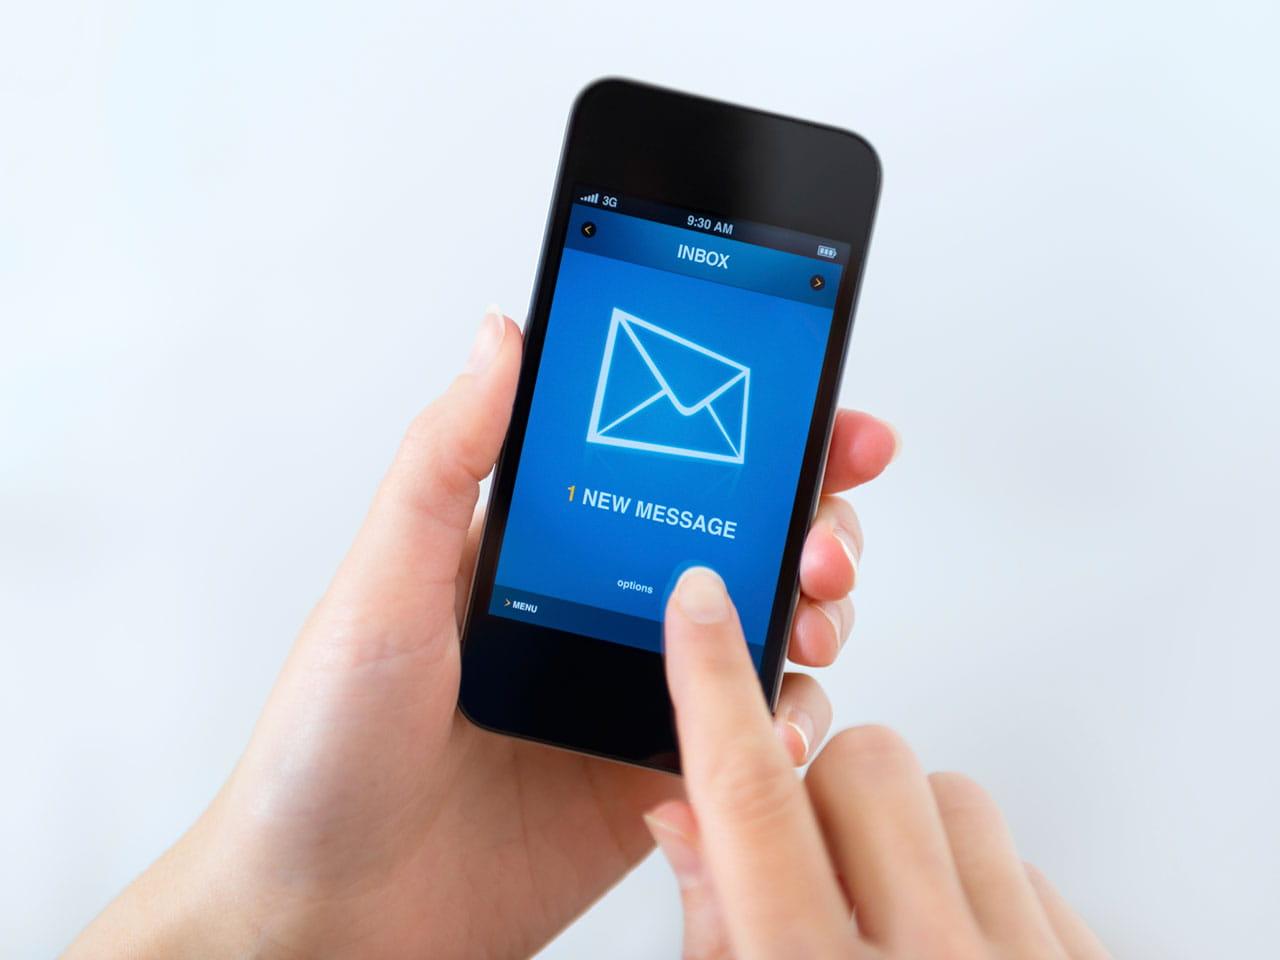 receiving texts - Parfu kaptanband co